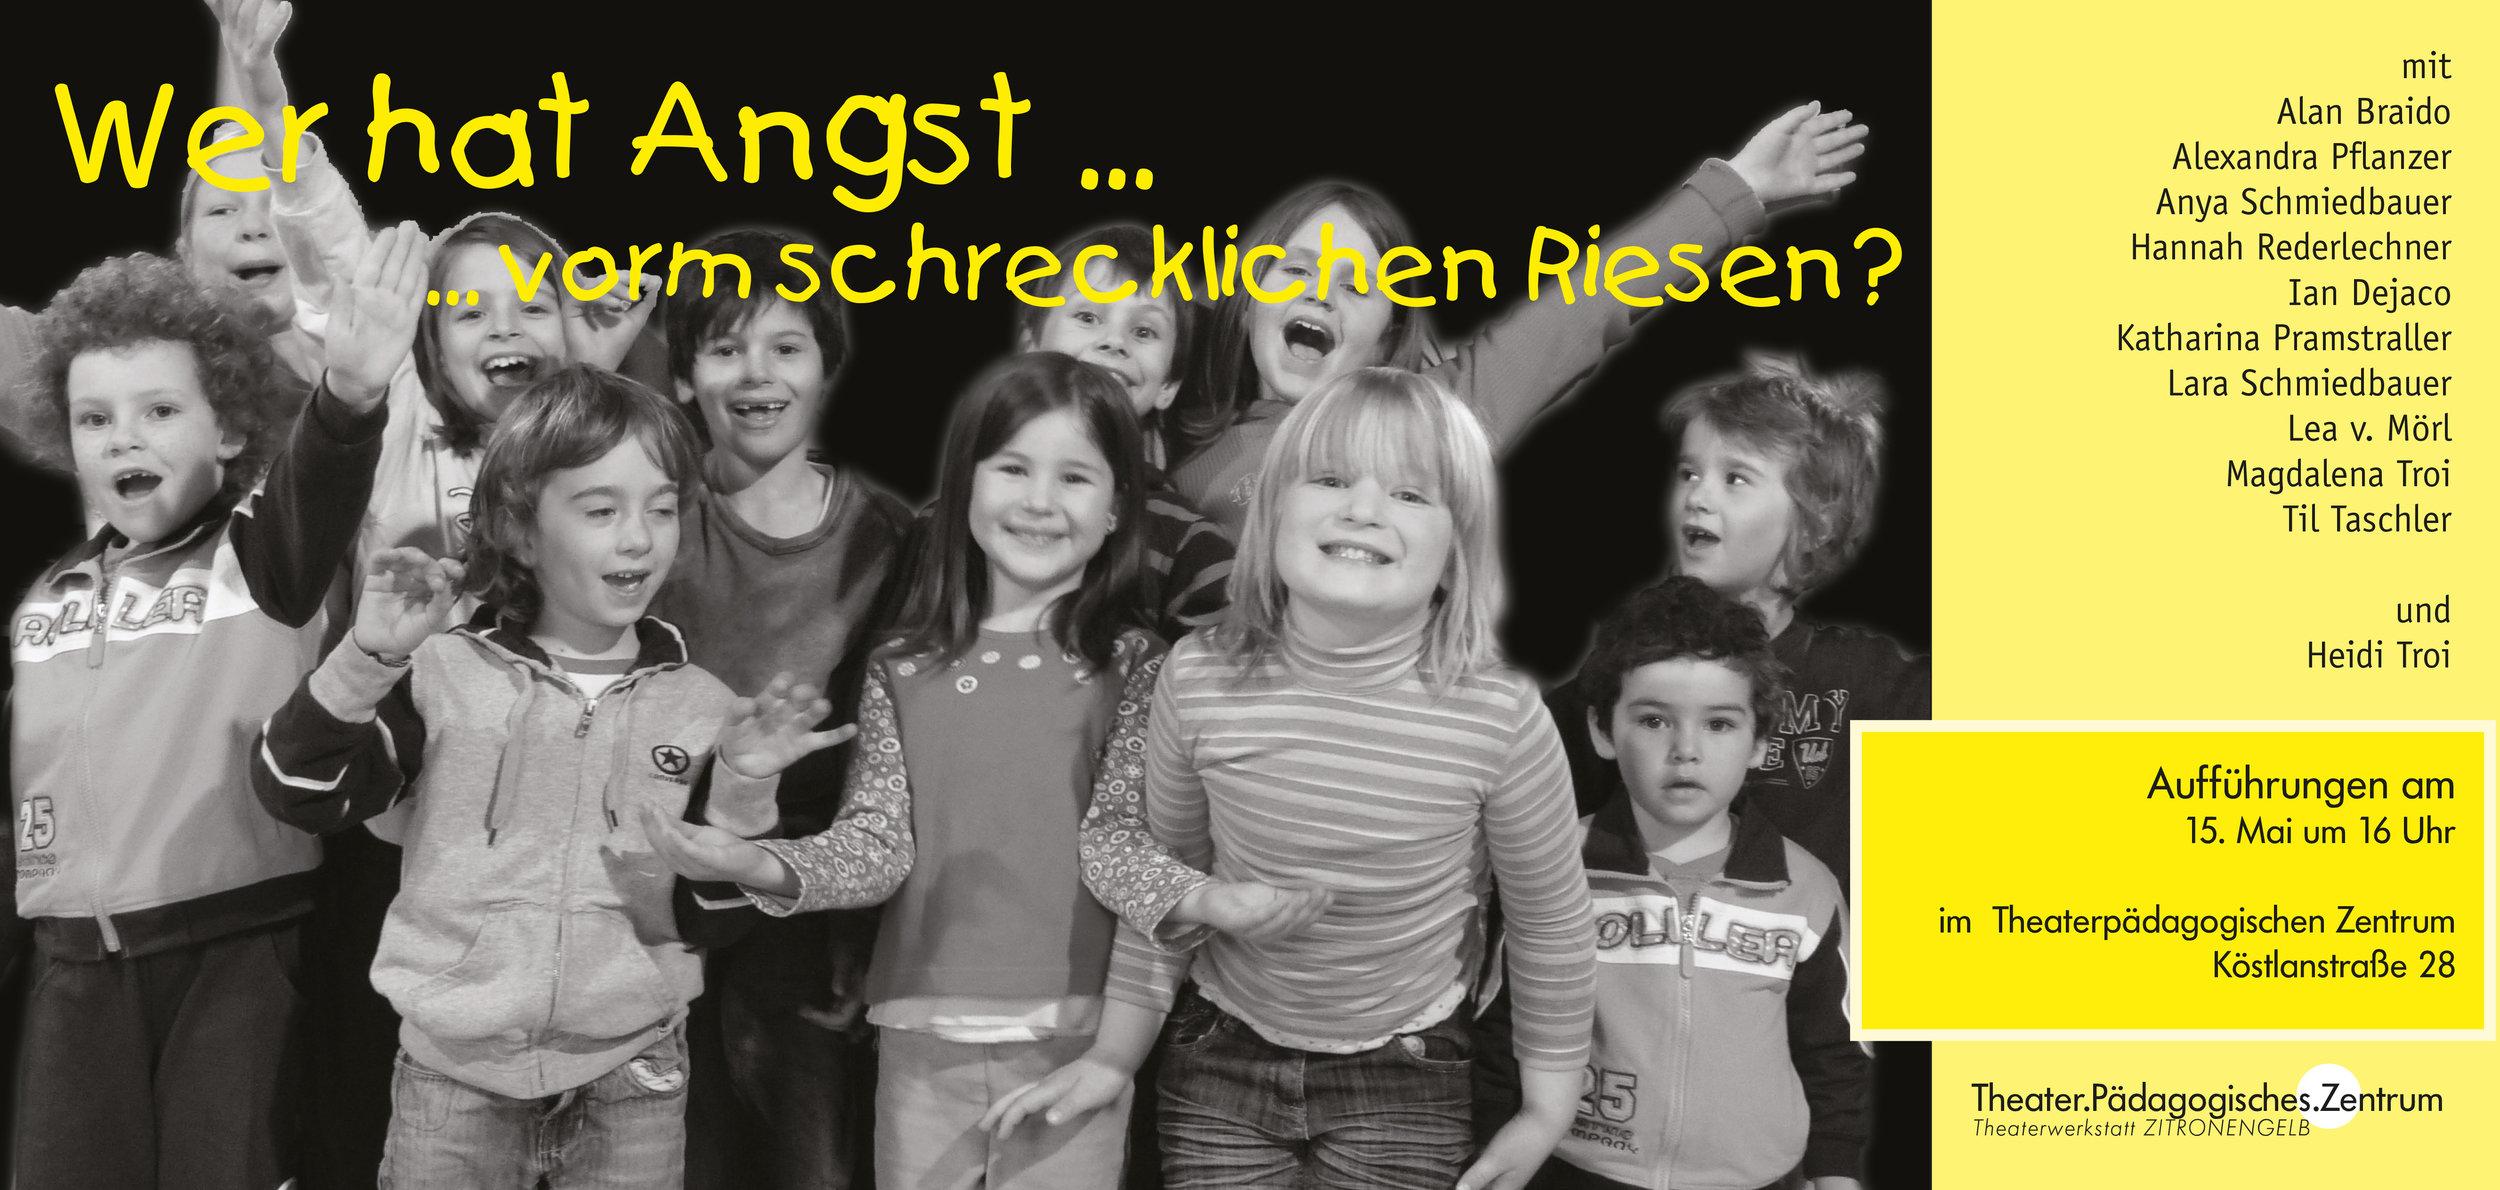 2009 Zitronengelb wer hat Angst Plakat.jpg